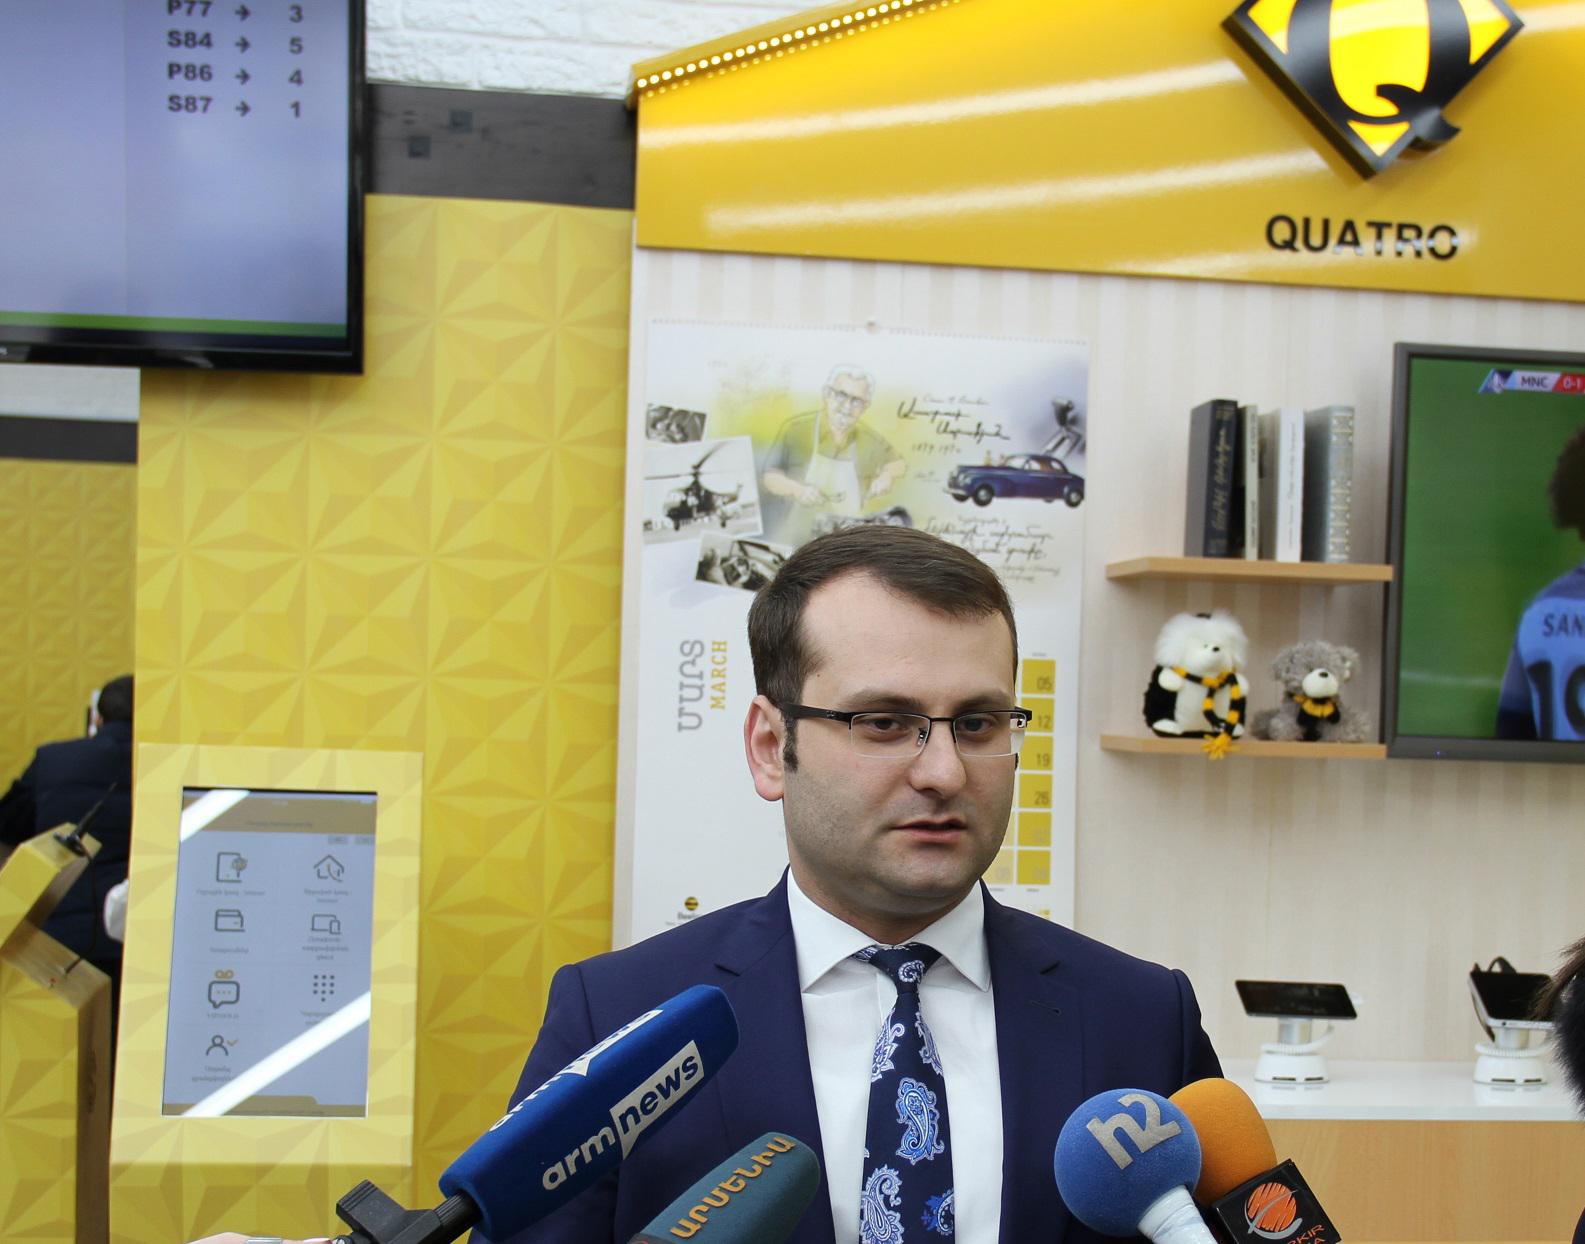 BeeTV. Բջջային հեռուստատեսություն` Հայաստանի  բջջային կապի բոլոր բաժանորդների համար